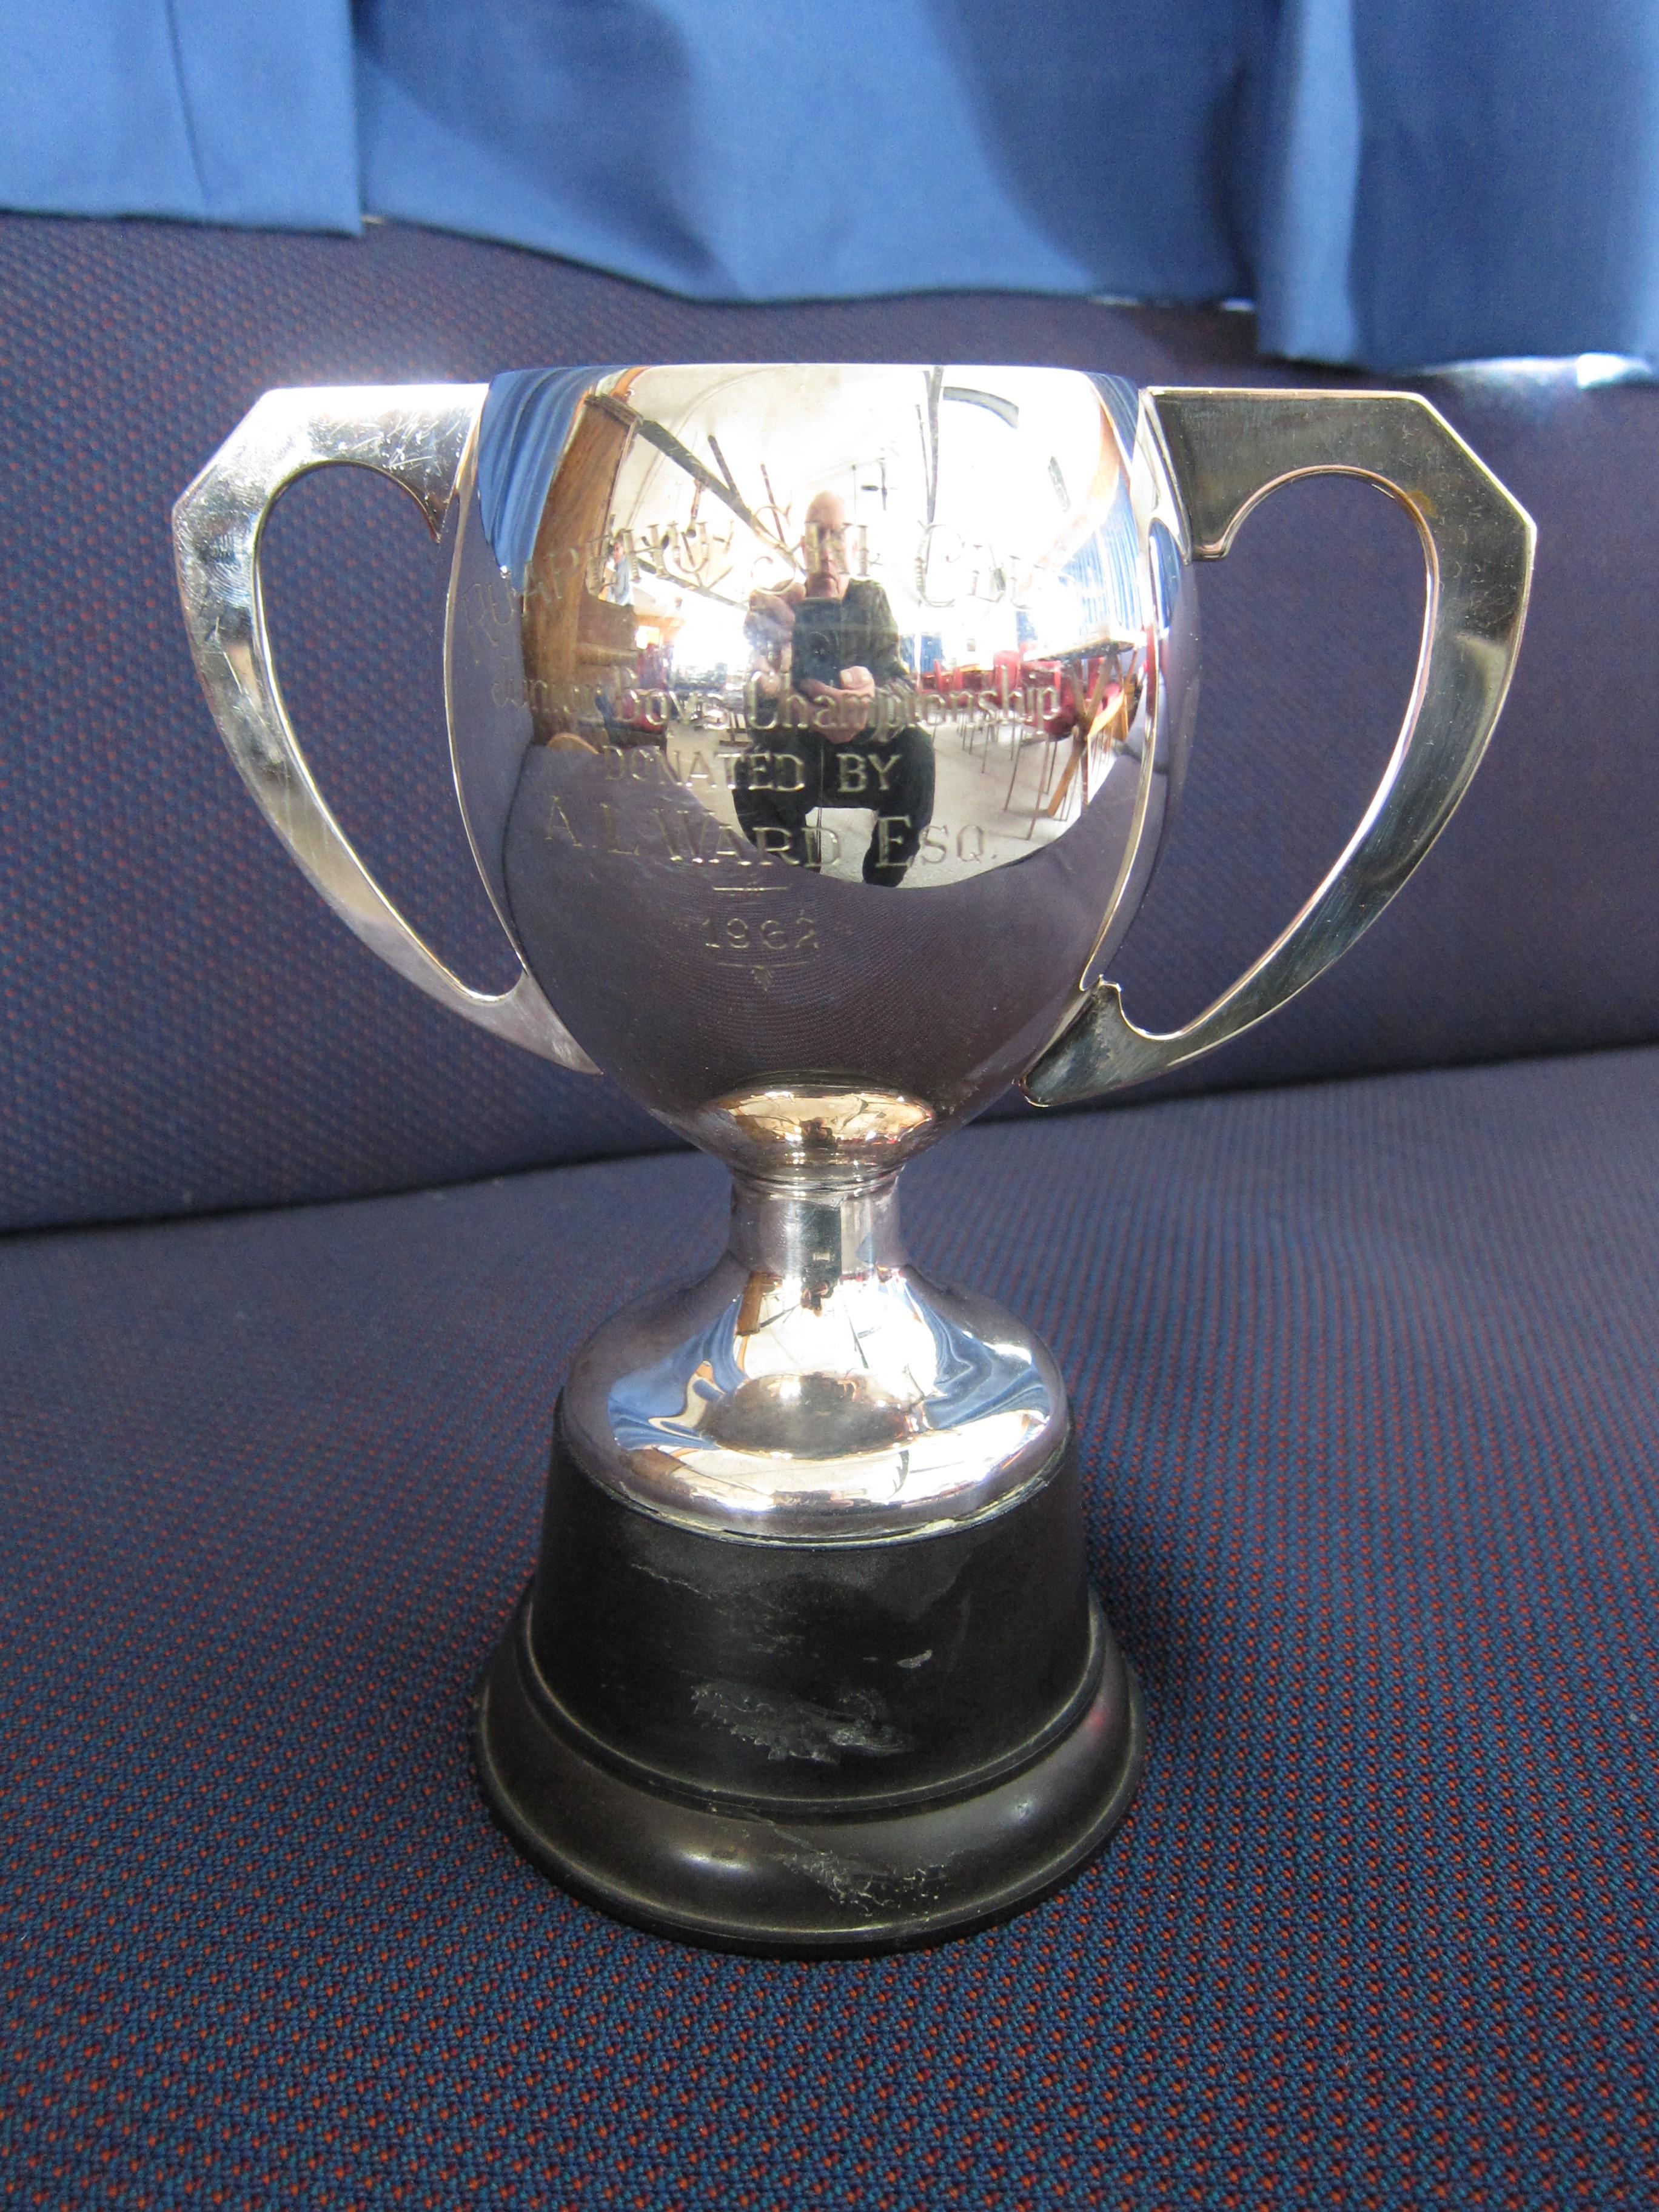 Ward_Cup.JPG